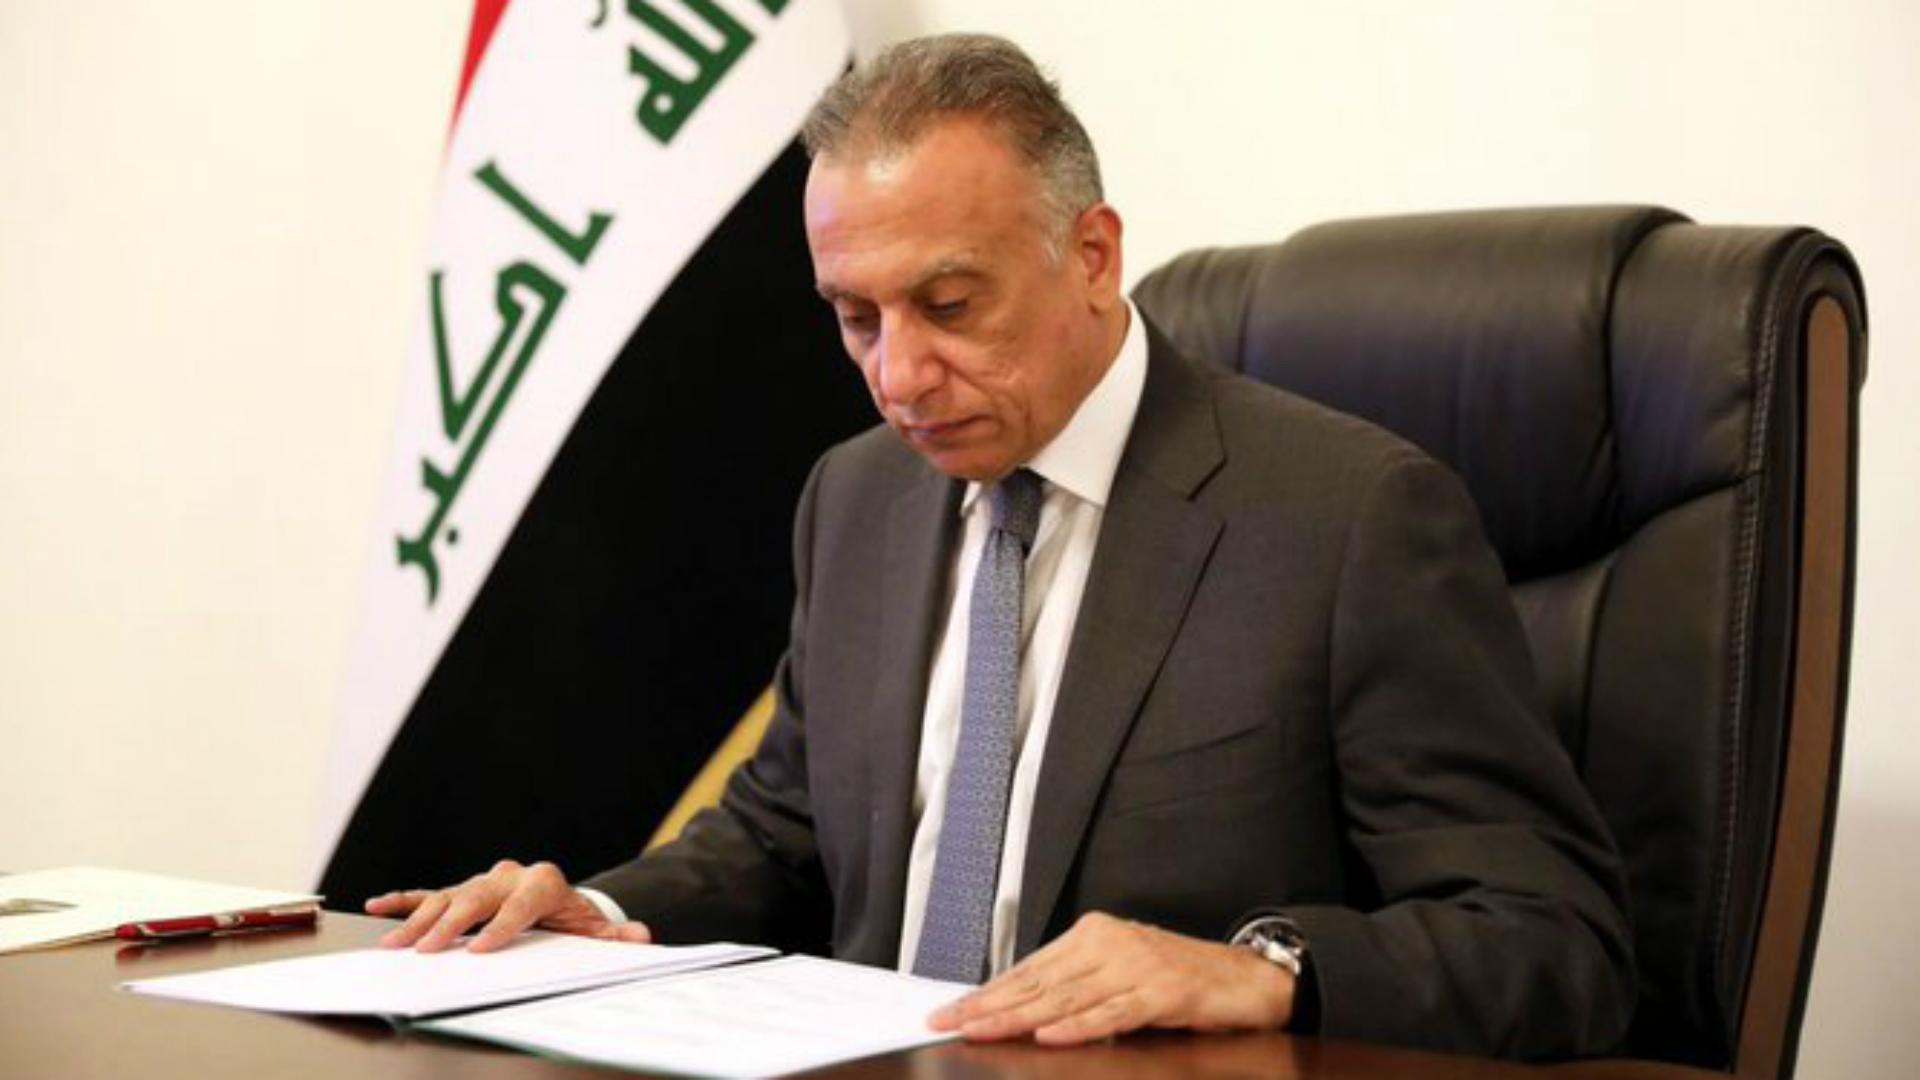 الكاظمي يقدم تعازيه بعد استهداف الحشد الشعبي